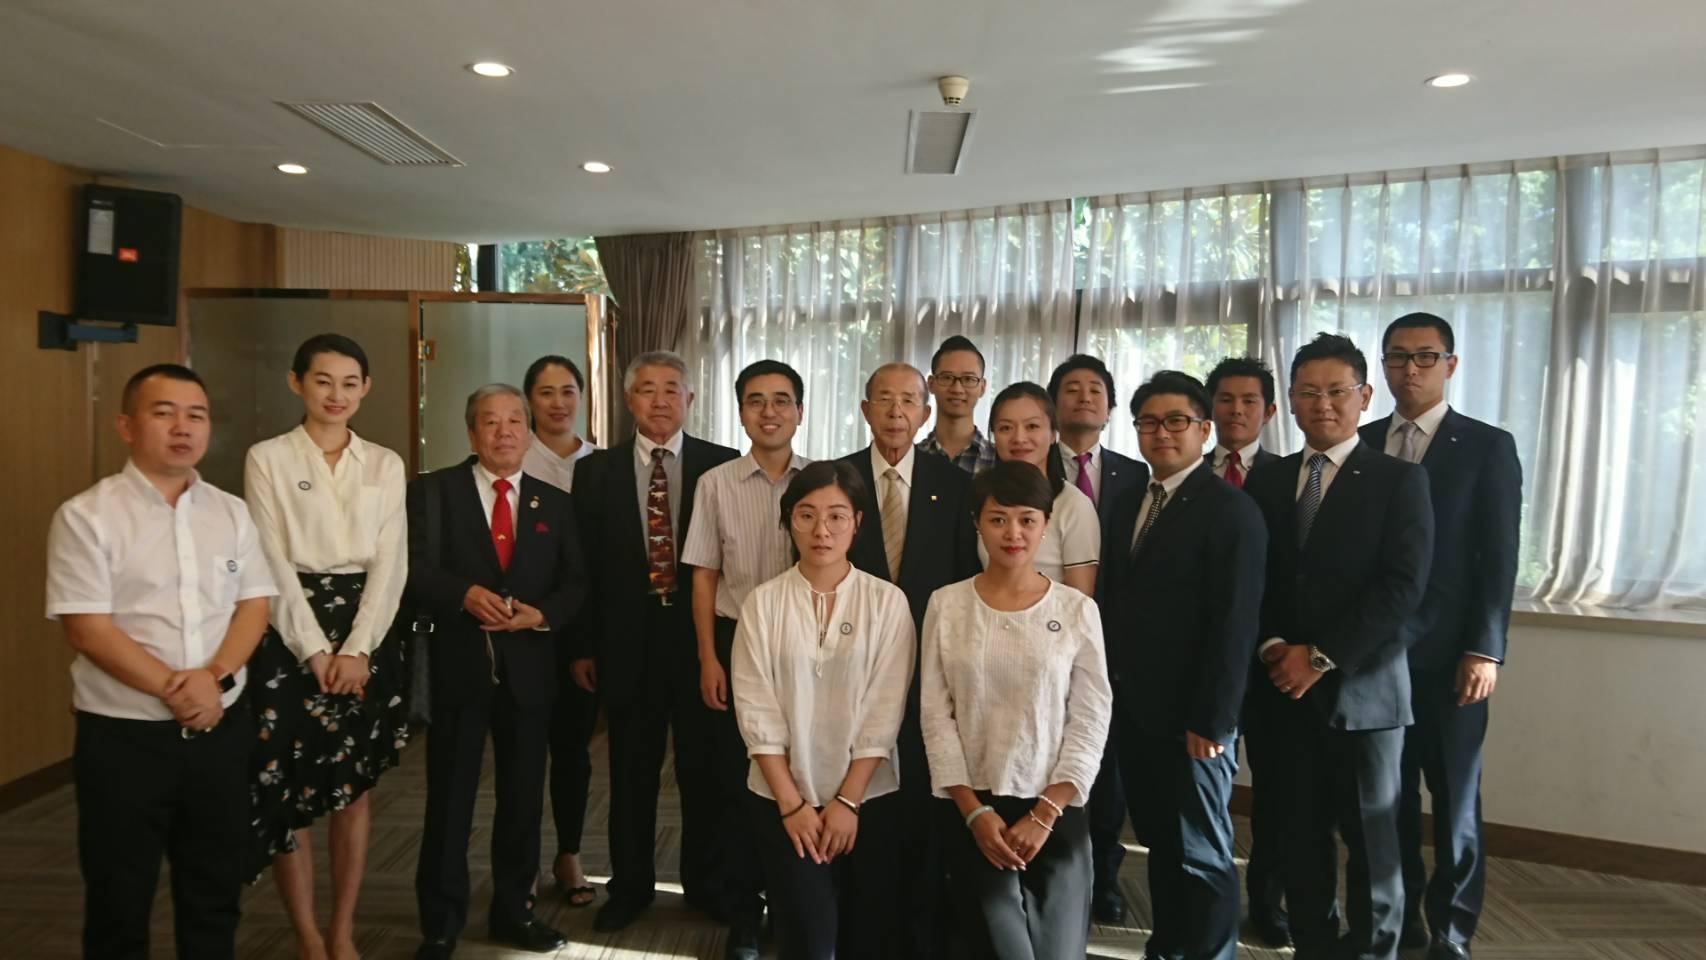 杭州市青年聯合会と交流促進